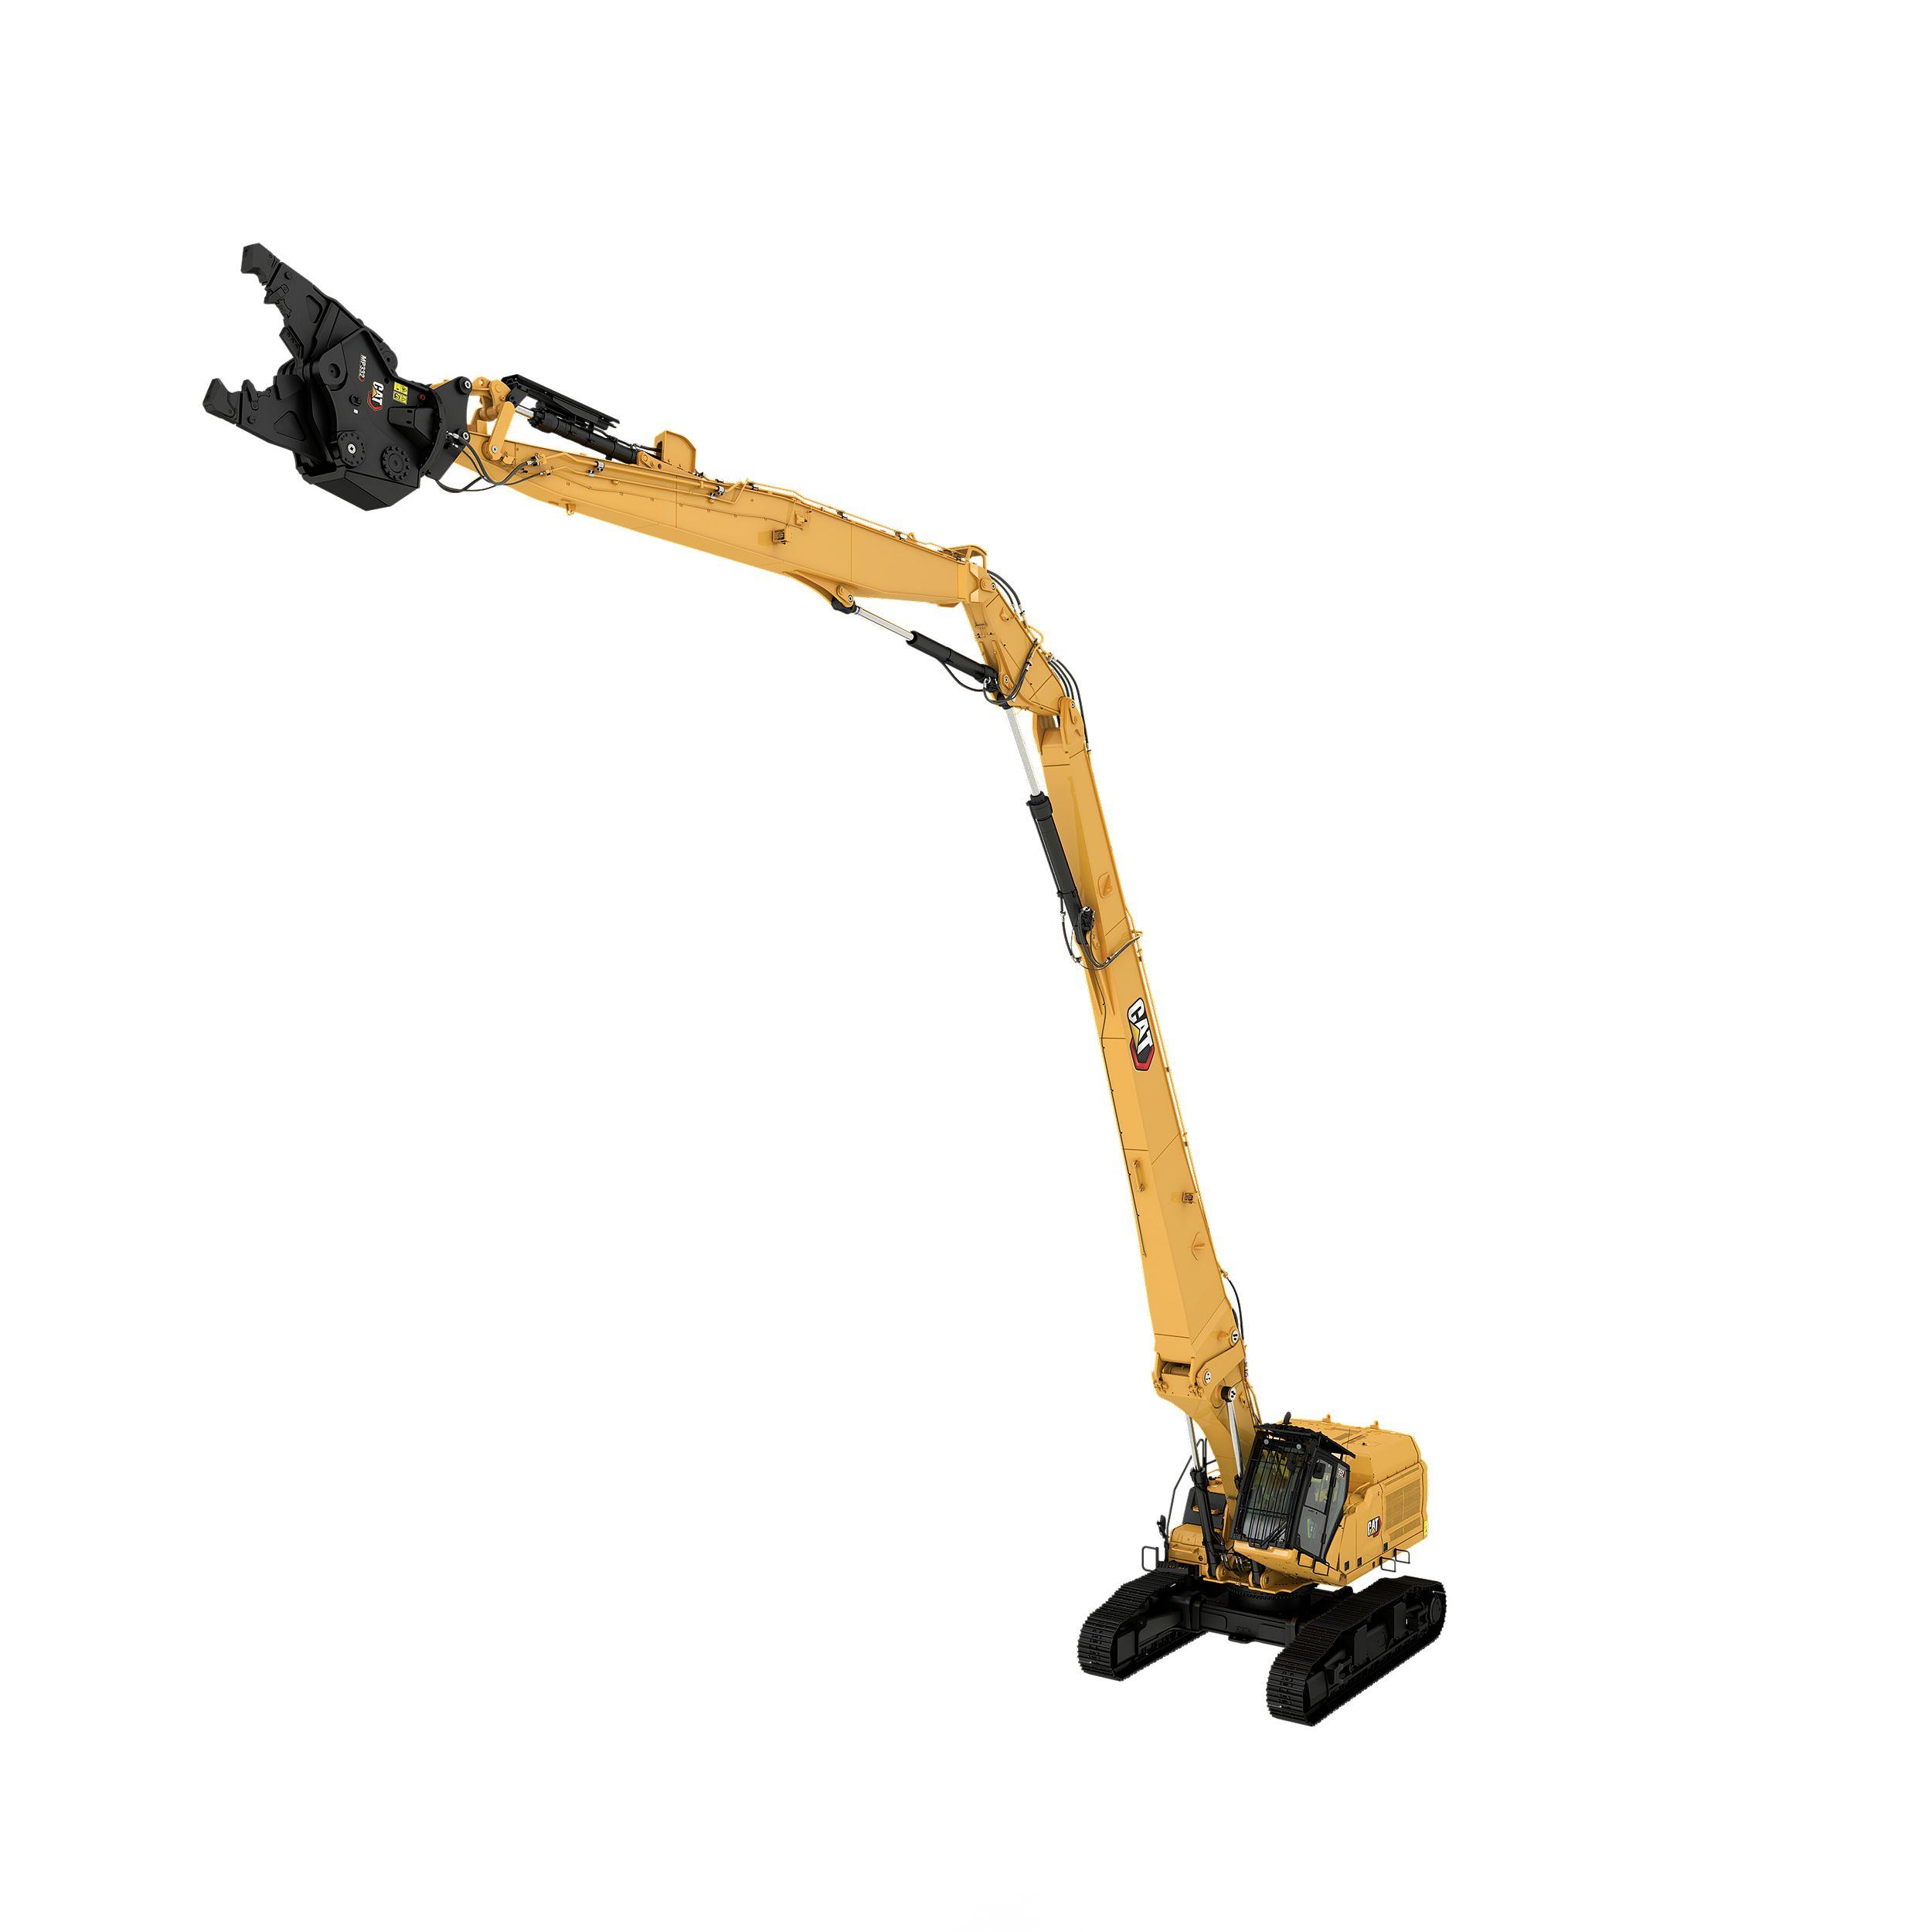 352 UHD Ultra High Demolition Hydraulic Excavator